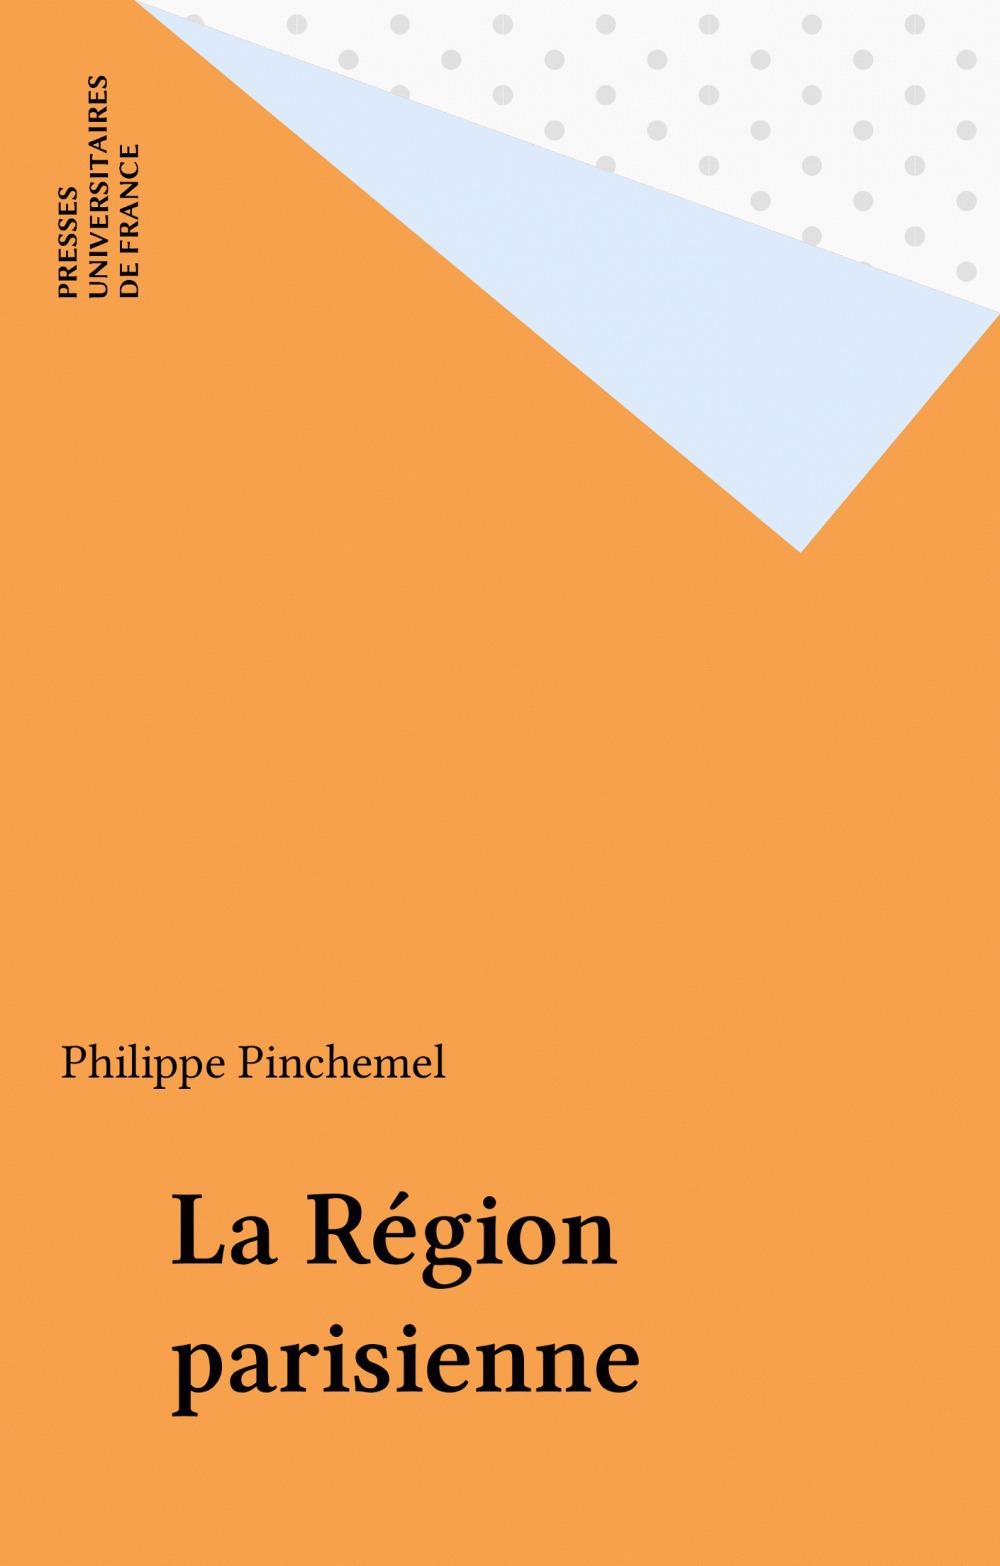 La Région parisienne  - Philippe Pinchemel